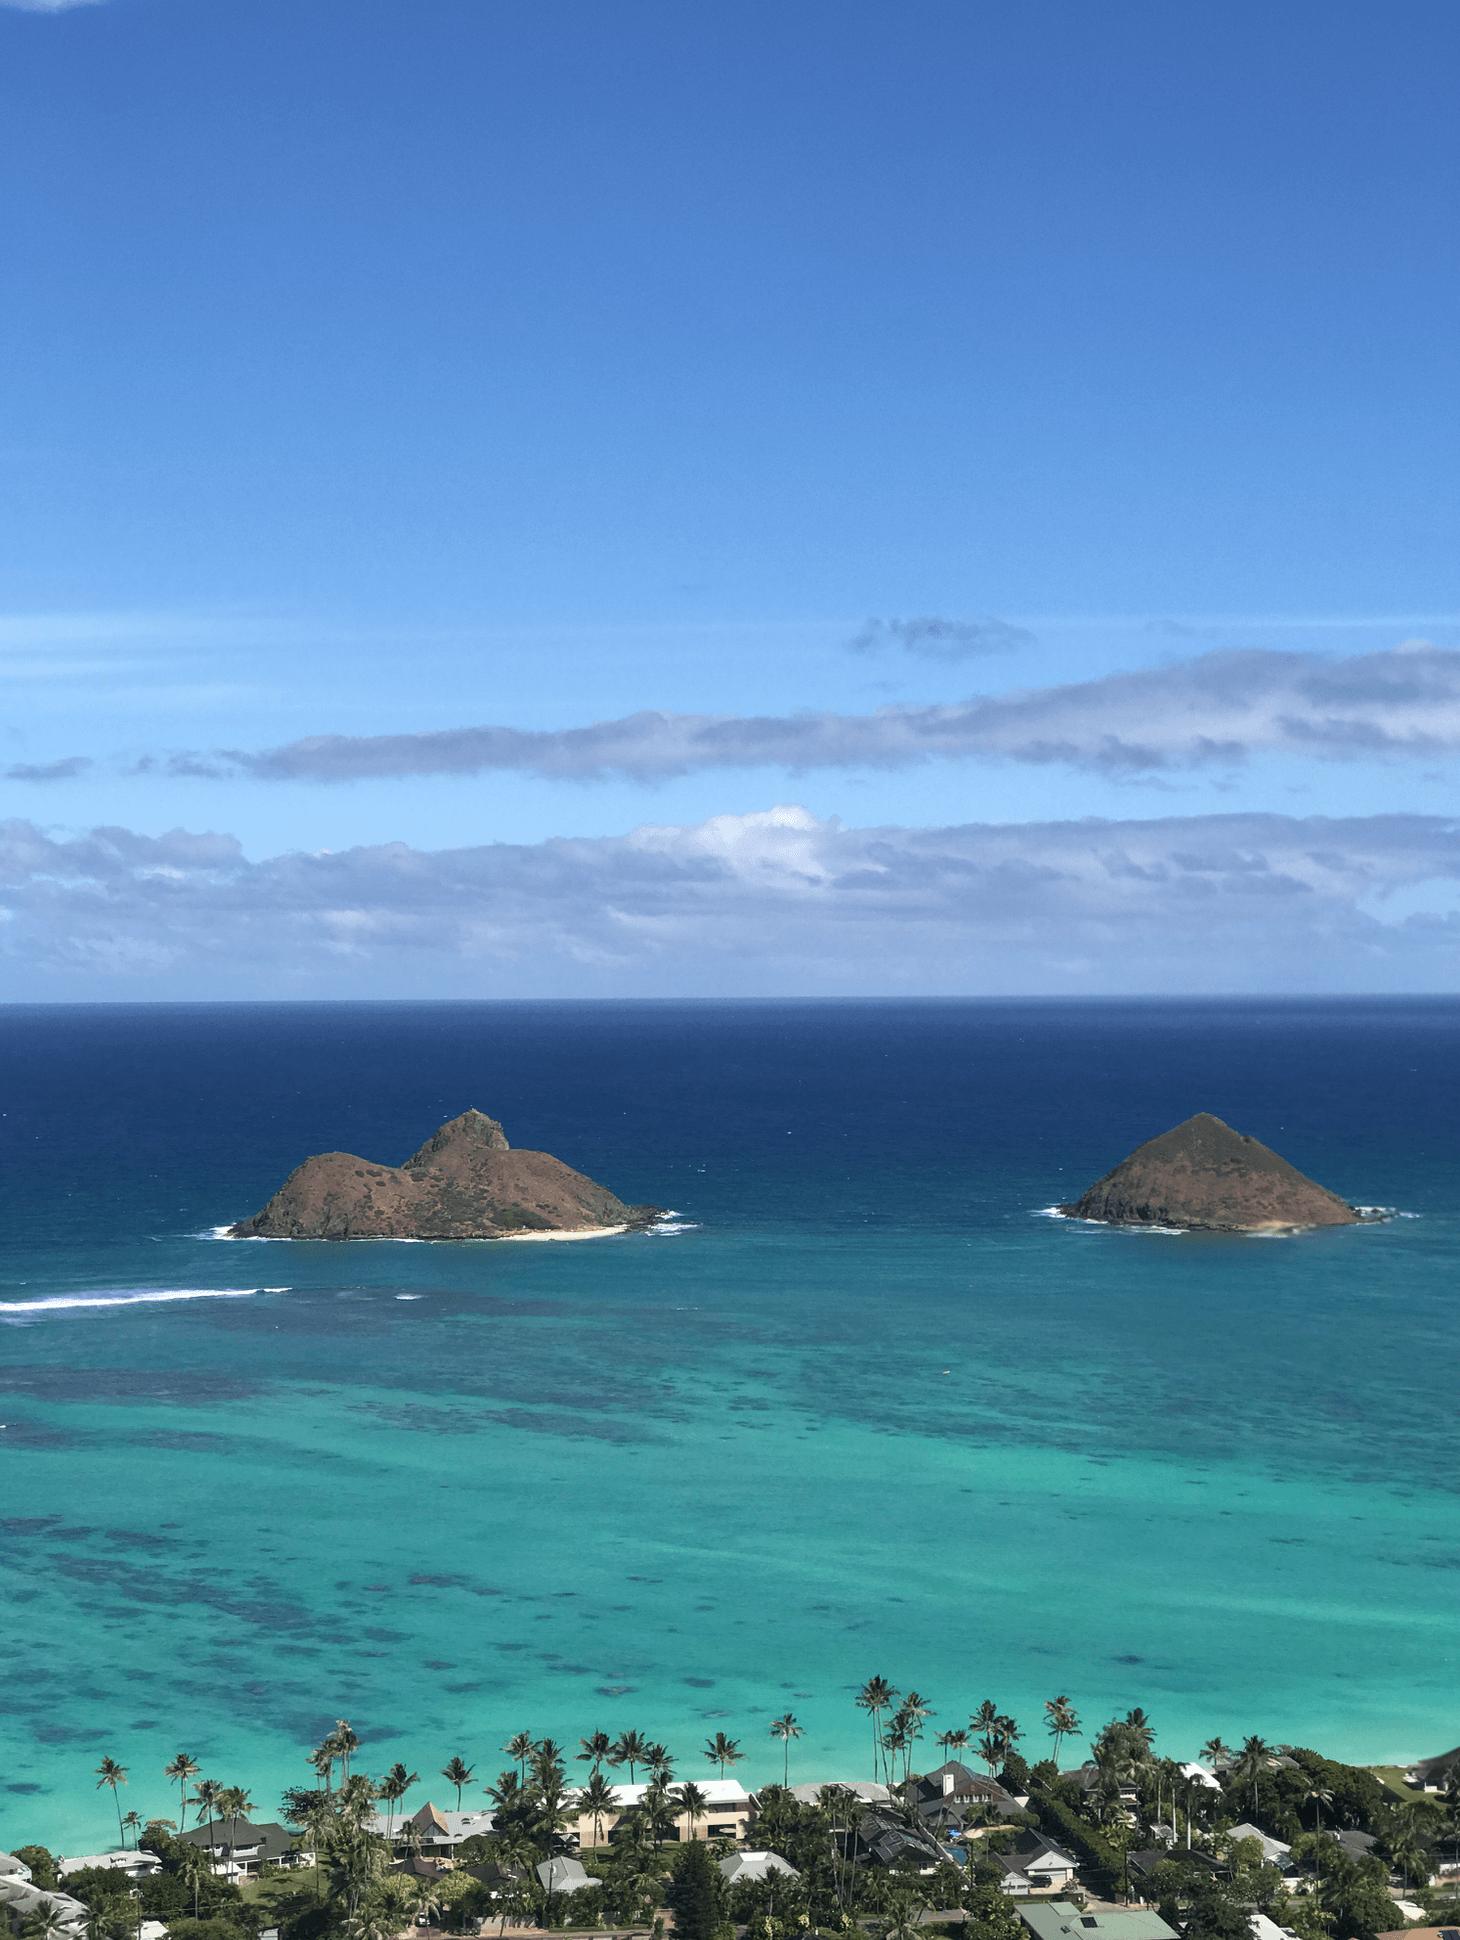 10 Best Hikes On Oahu - Top Hikes In Oahu - Best Hawaii Hikes Oahu - Good Hikes On Oahu - Beautiful Oahu Hikes - Best Hikes On Oahu North Shore - Best Hikes Oahu For Families - 10 Best Hikes On Oahu - Best Easy Hikes Oahu - Best Hikes Honolulu - Honolulu Hikes - Easy Hikes Hawaii - #hawaii #oahu #travelblog